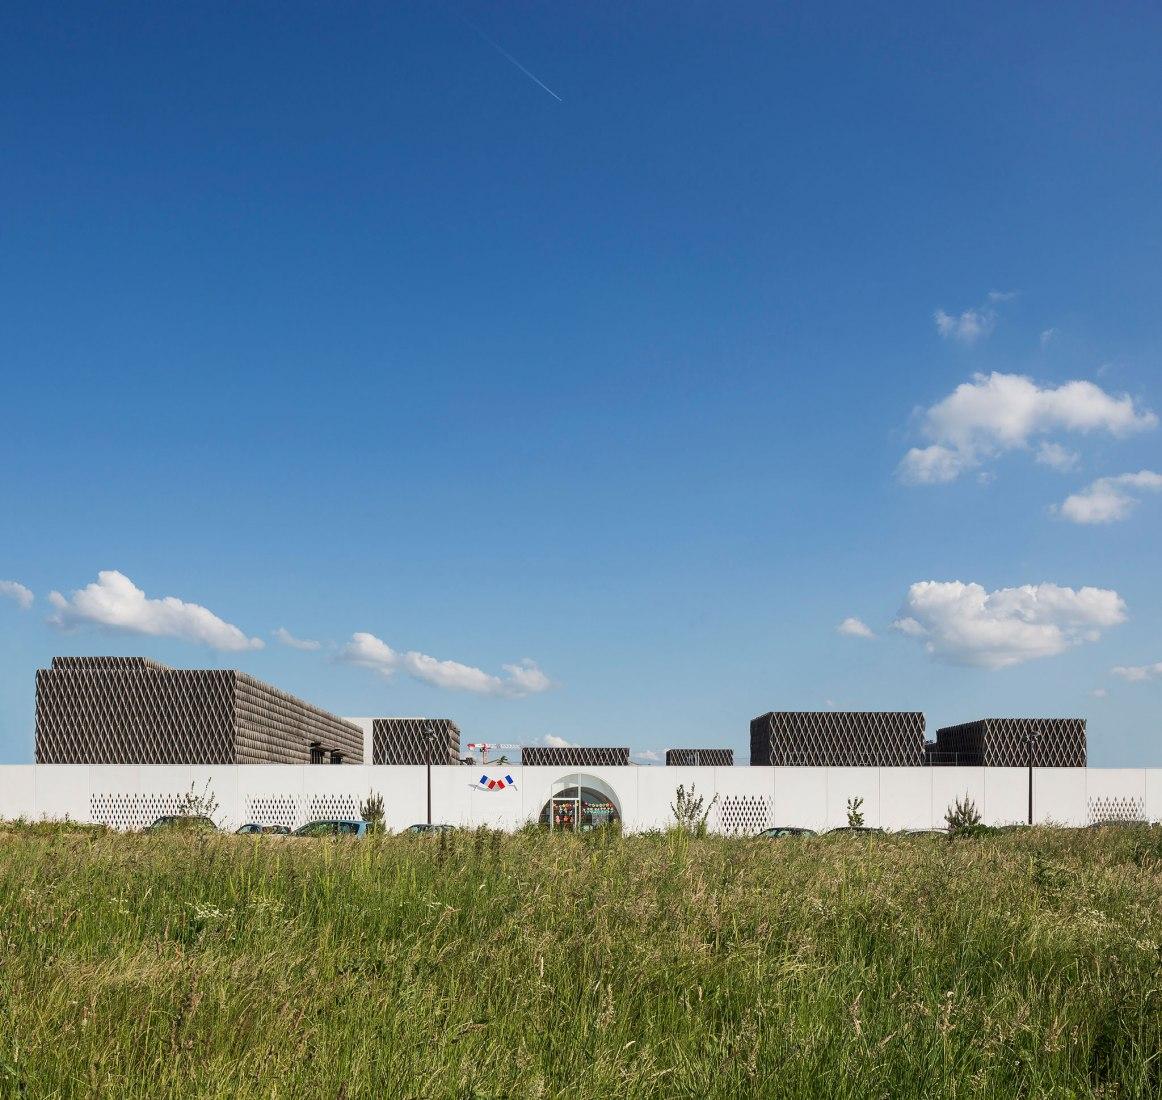 Diseño de una nueva escuela primaria en Montévrain, grupo escolar Louis de Vion, de Vincent Parreira. Fotografía © Luc Boegly